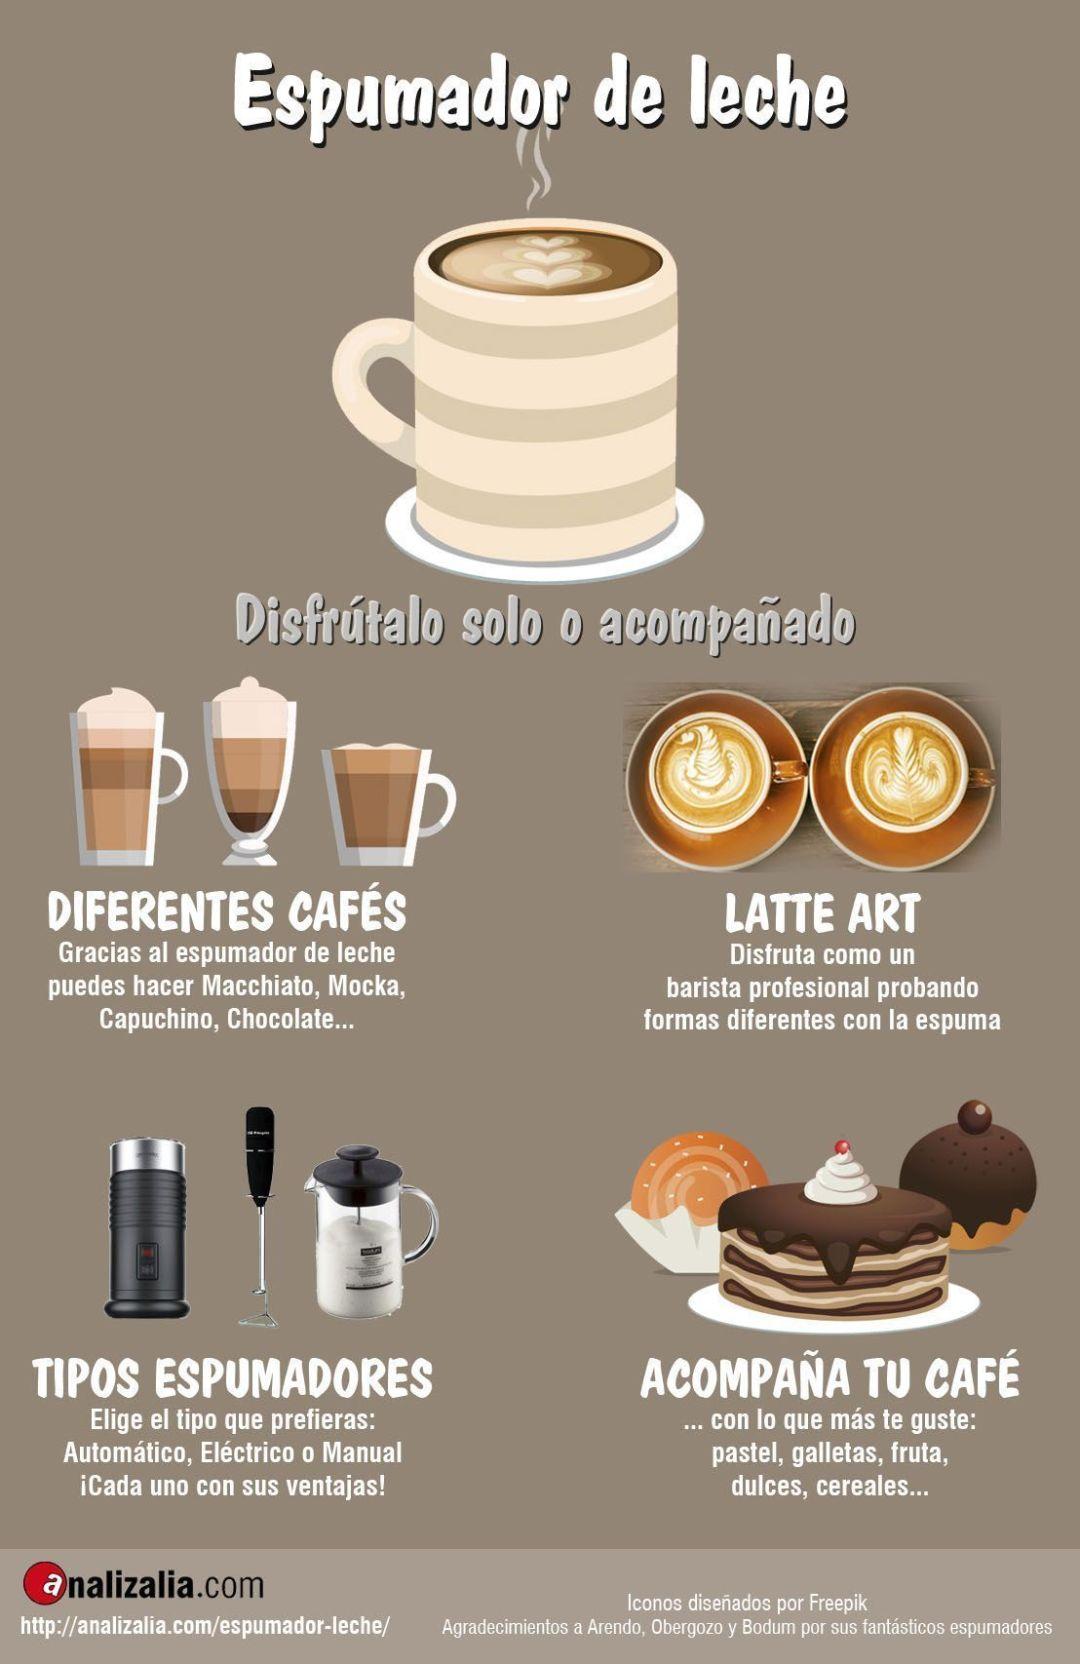 Espumador de leche Infografia